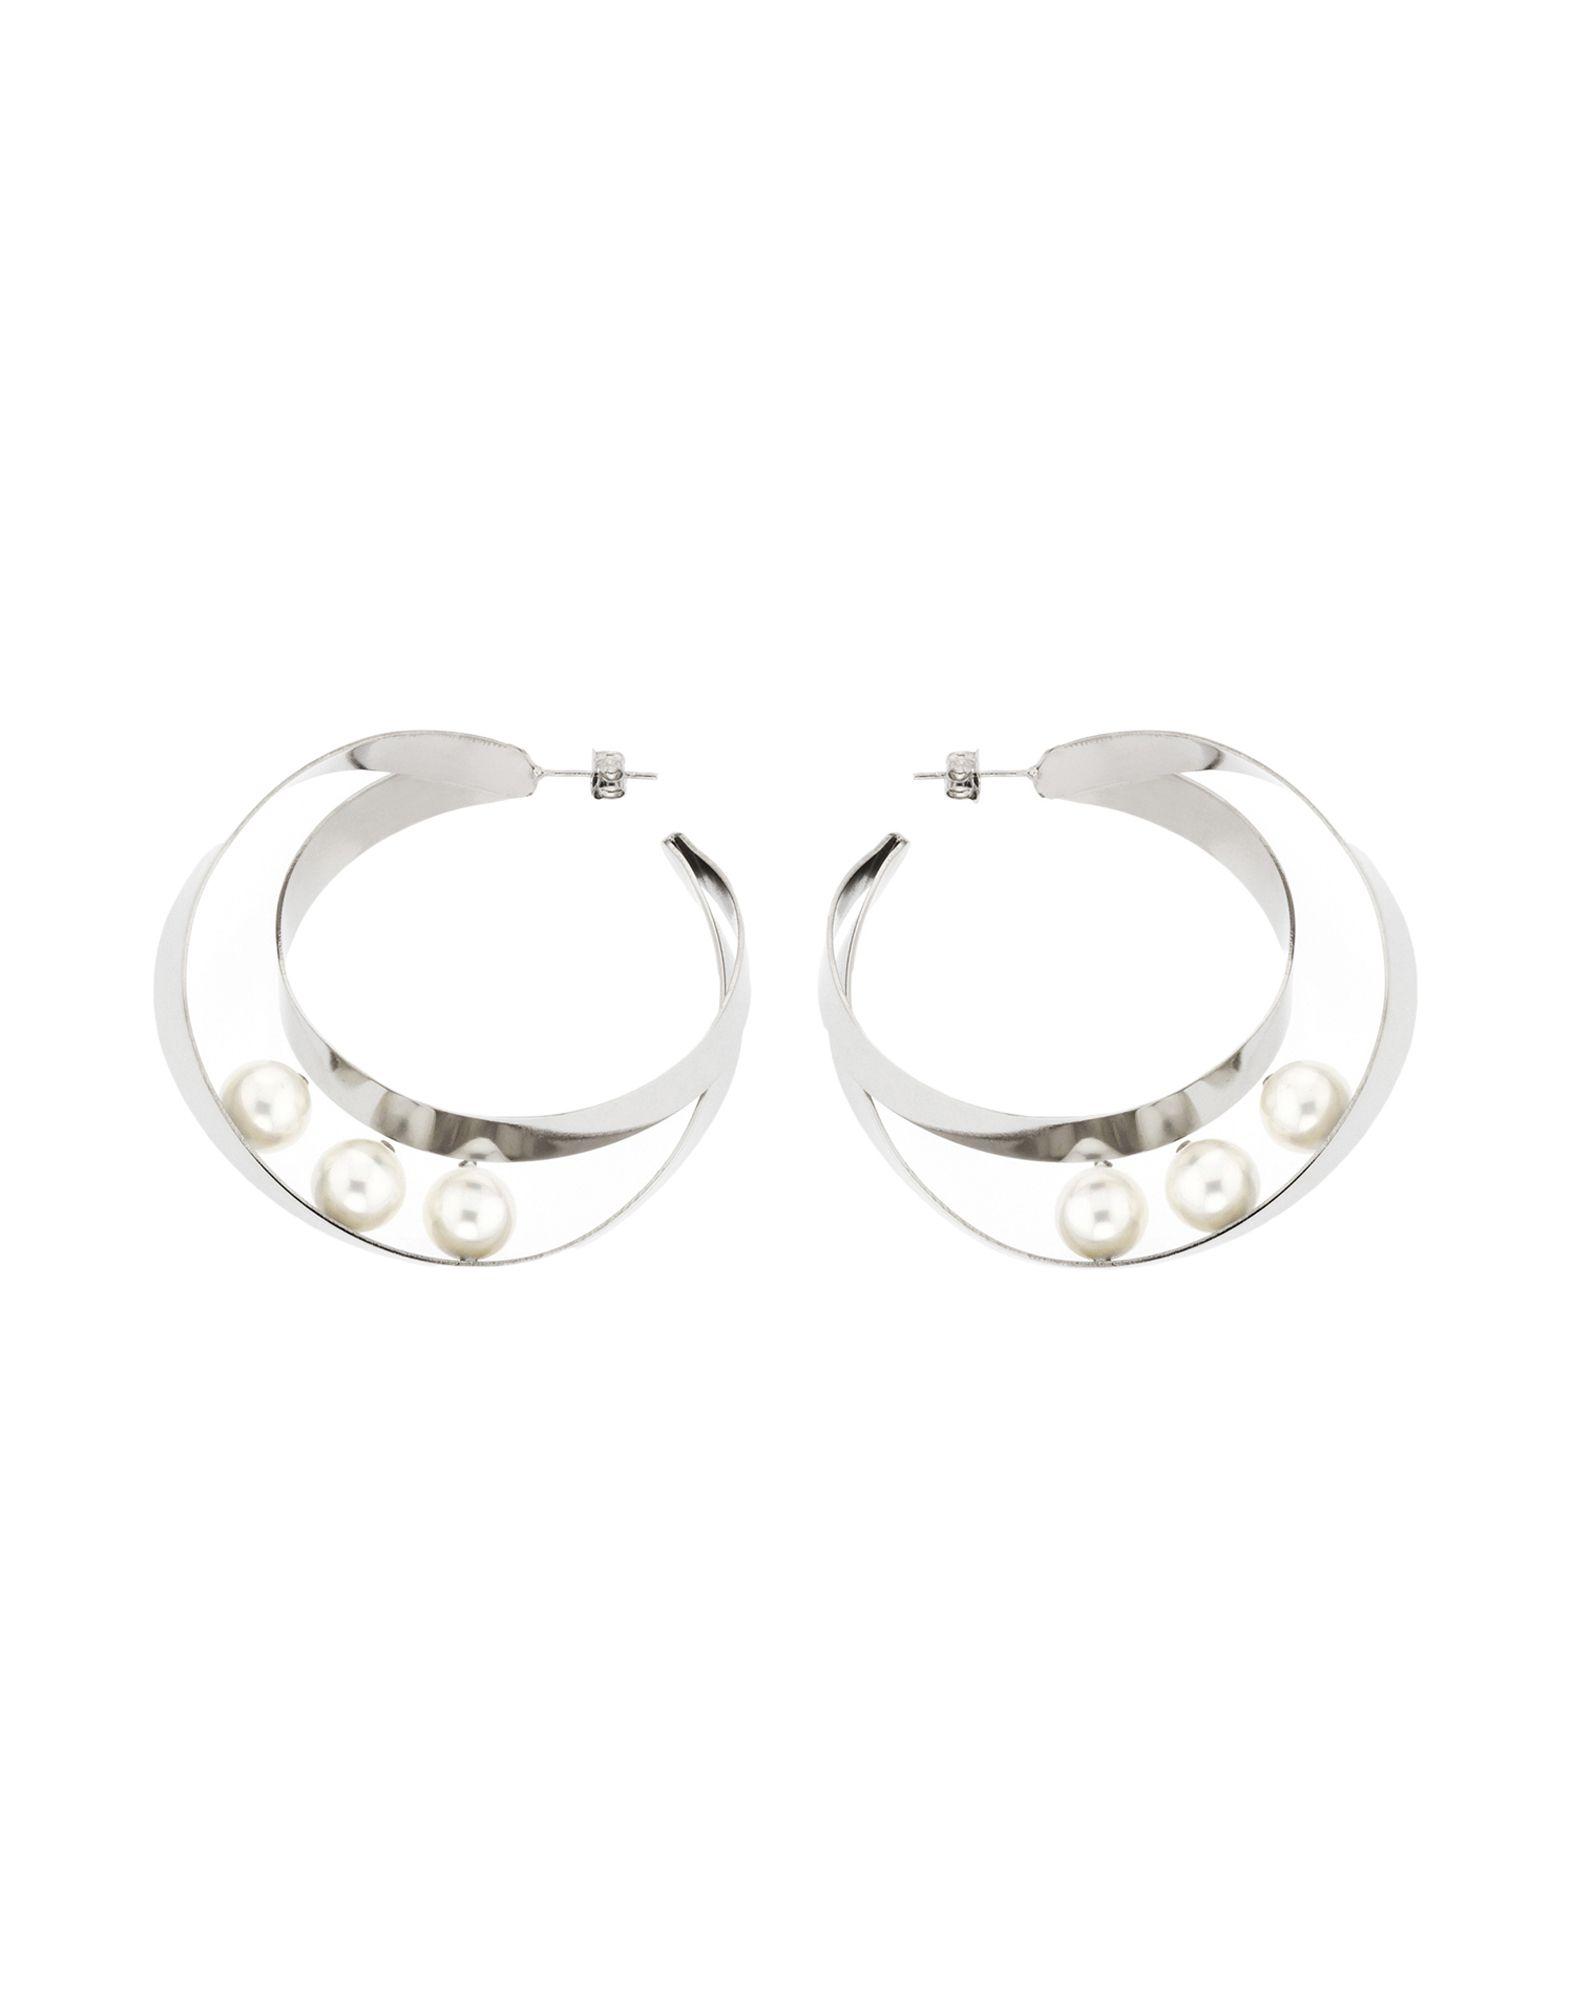 SHARRA PAGANO Earrings in Silver